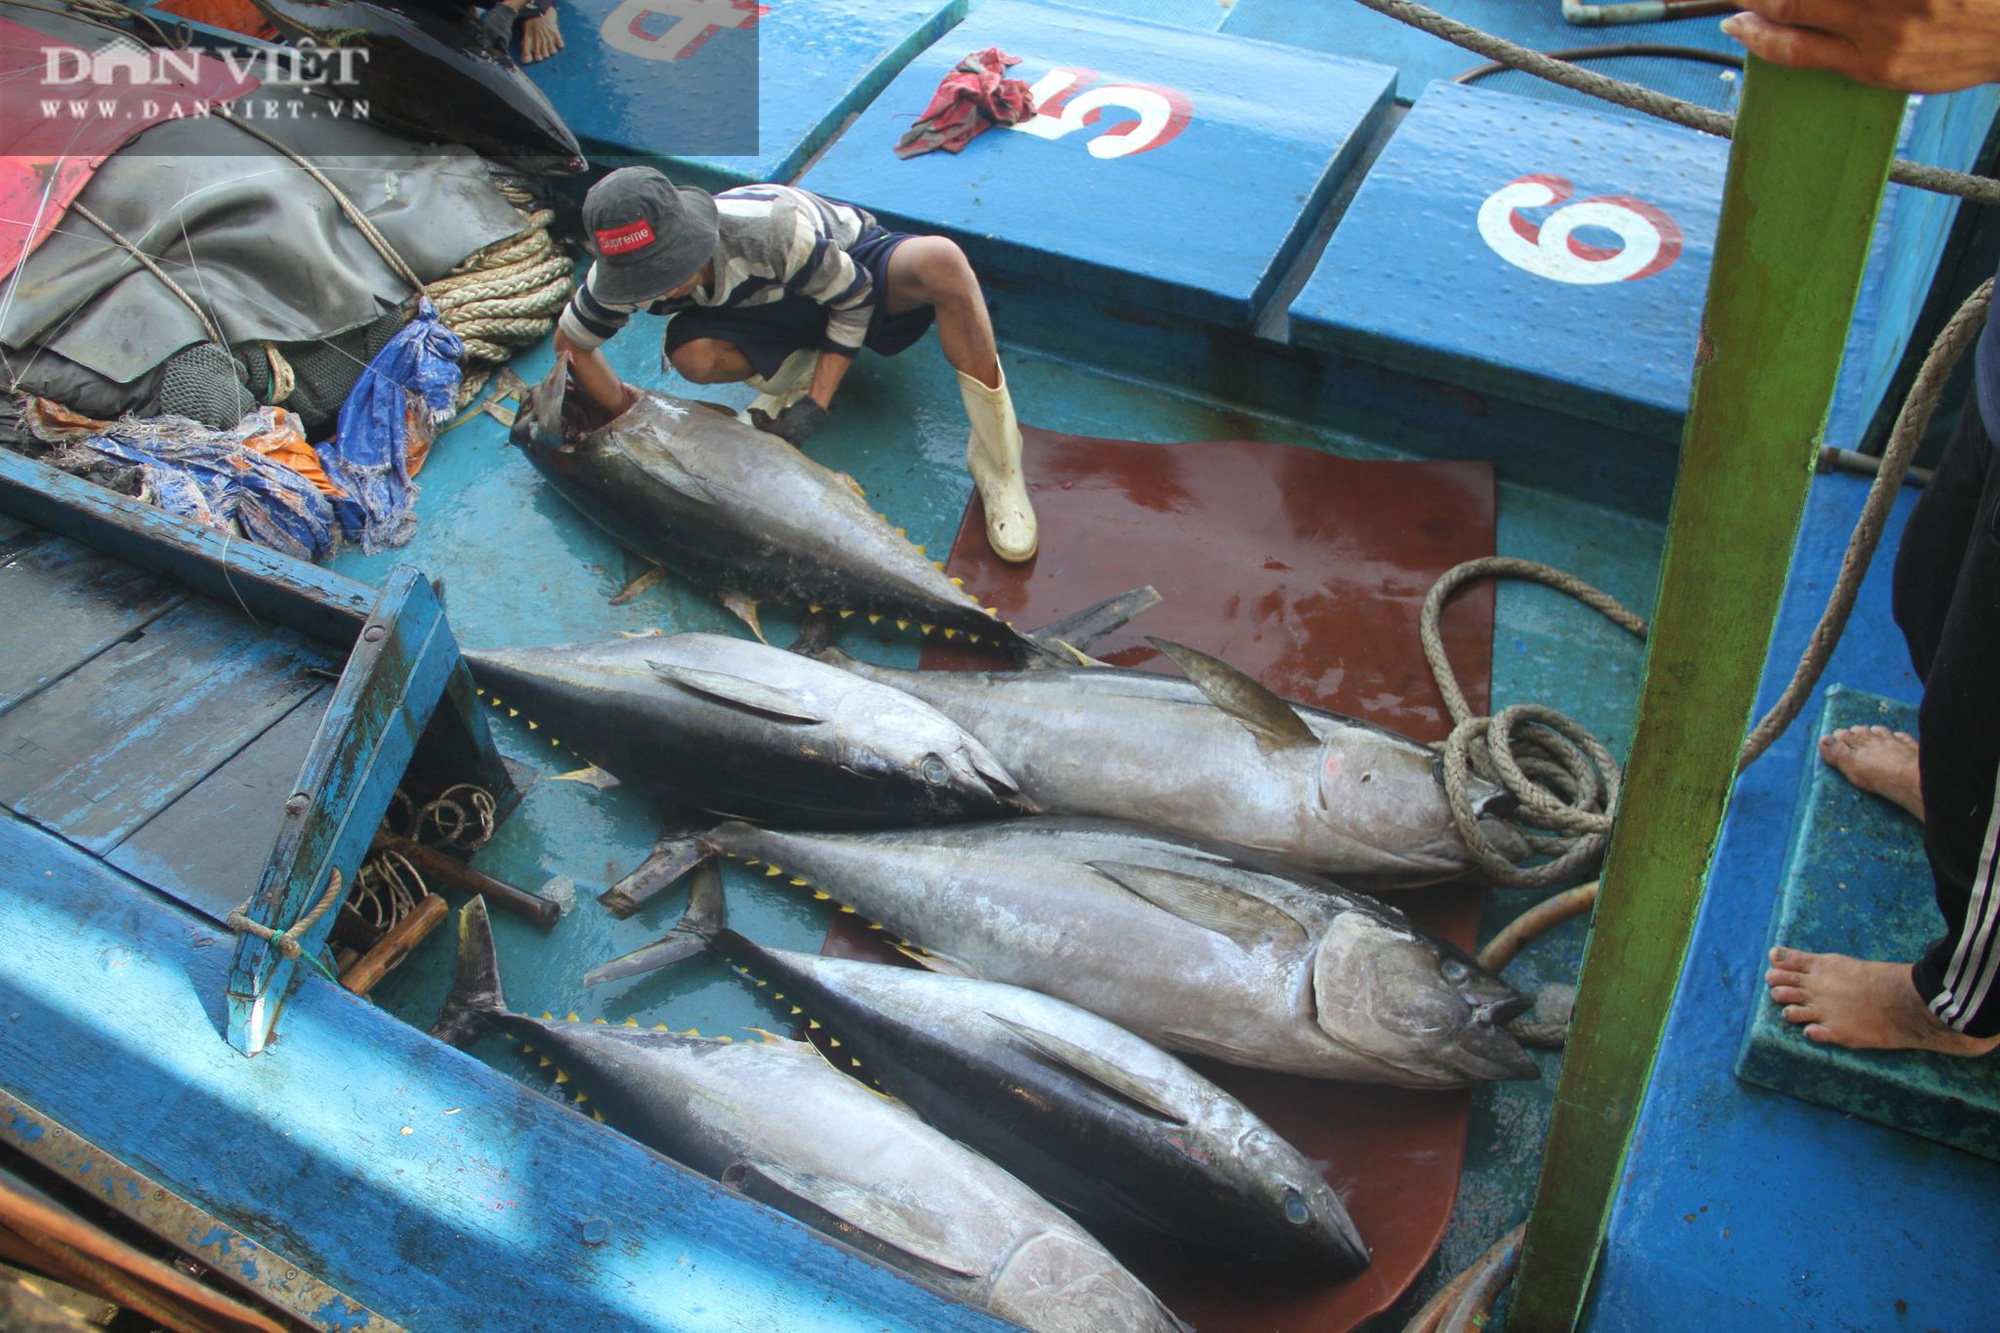 Cận cảnh đưa cá ngừ đại dương về bờ sau chuyến biển xuyên Tết - Ảnh 9.